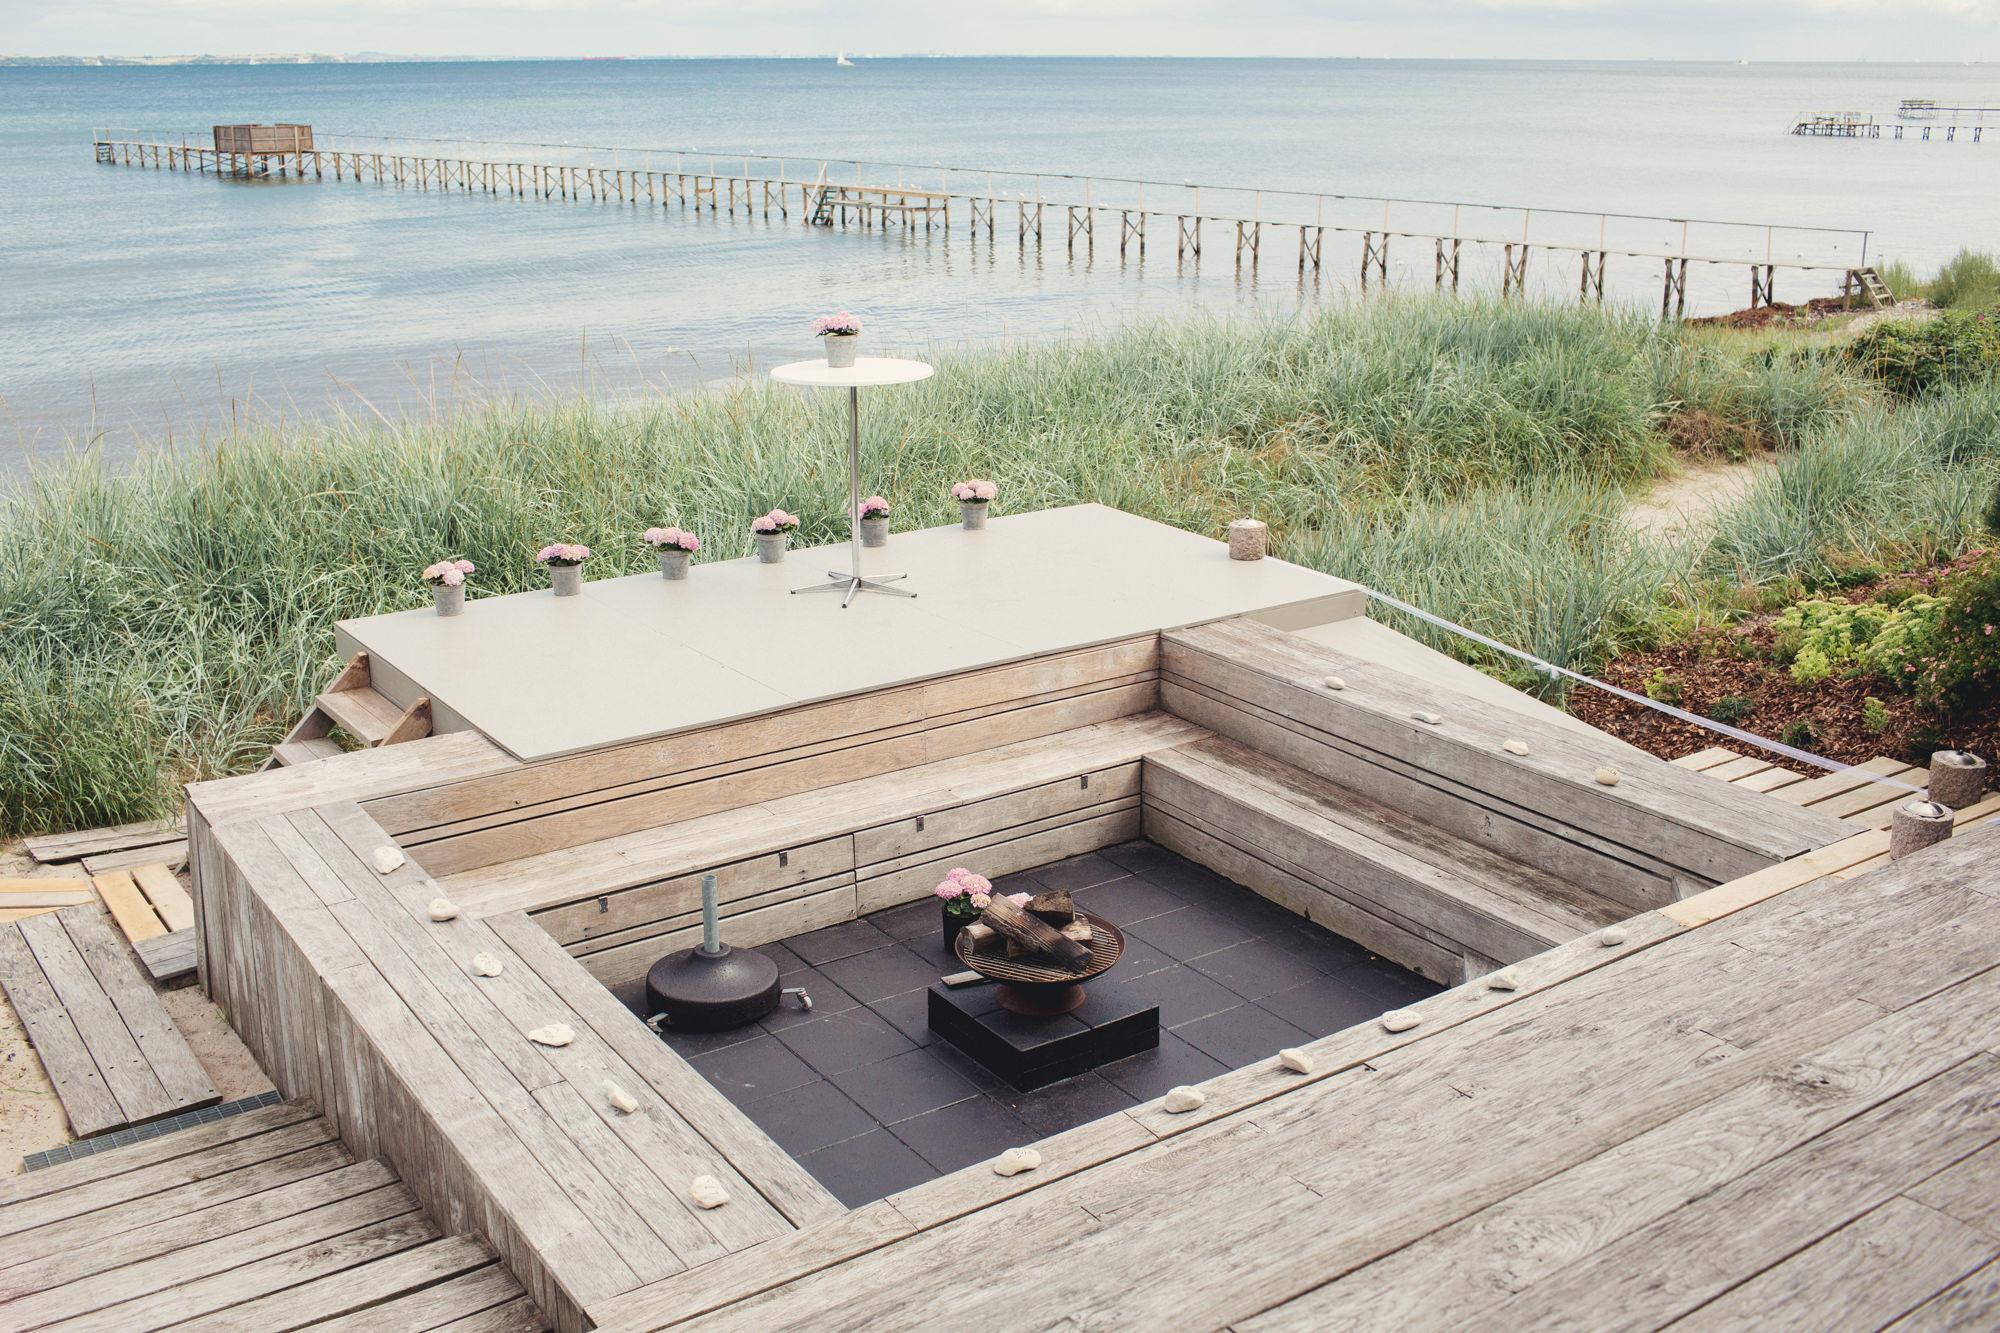 Oceanside Wedding in Denmark ©Anne-Claire Brun 0025